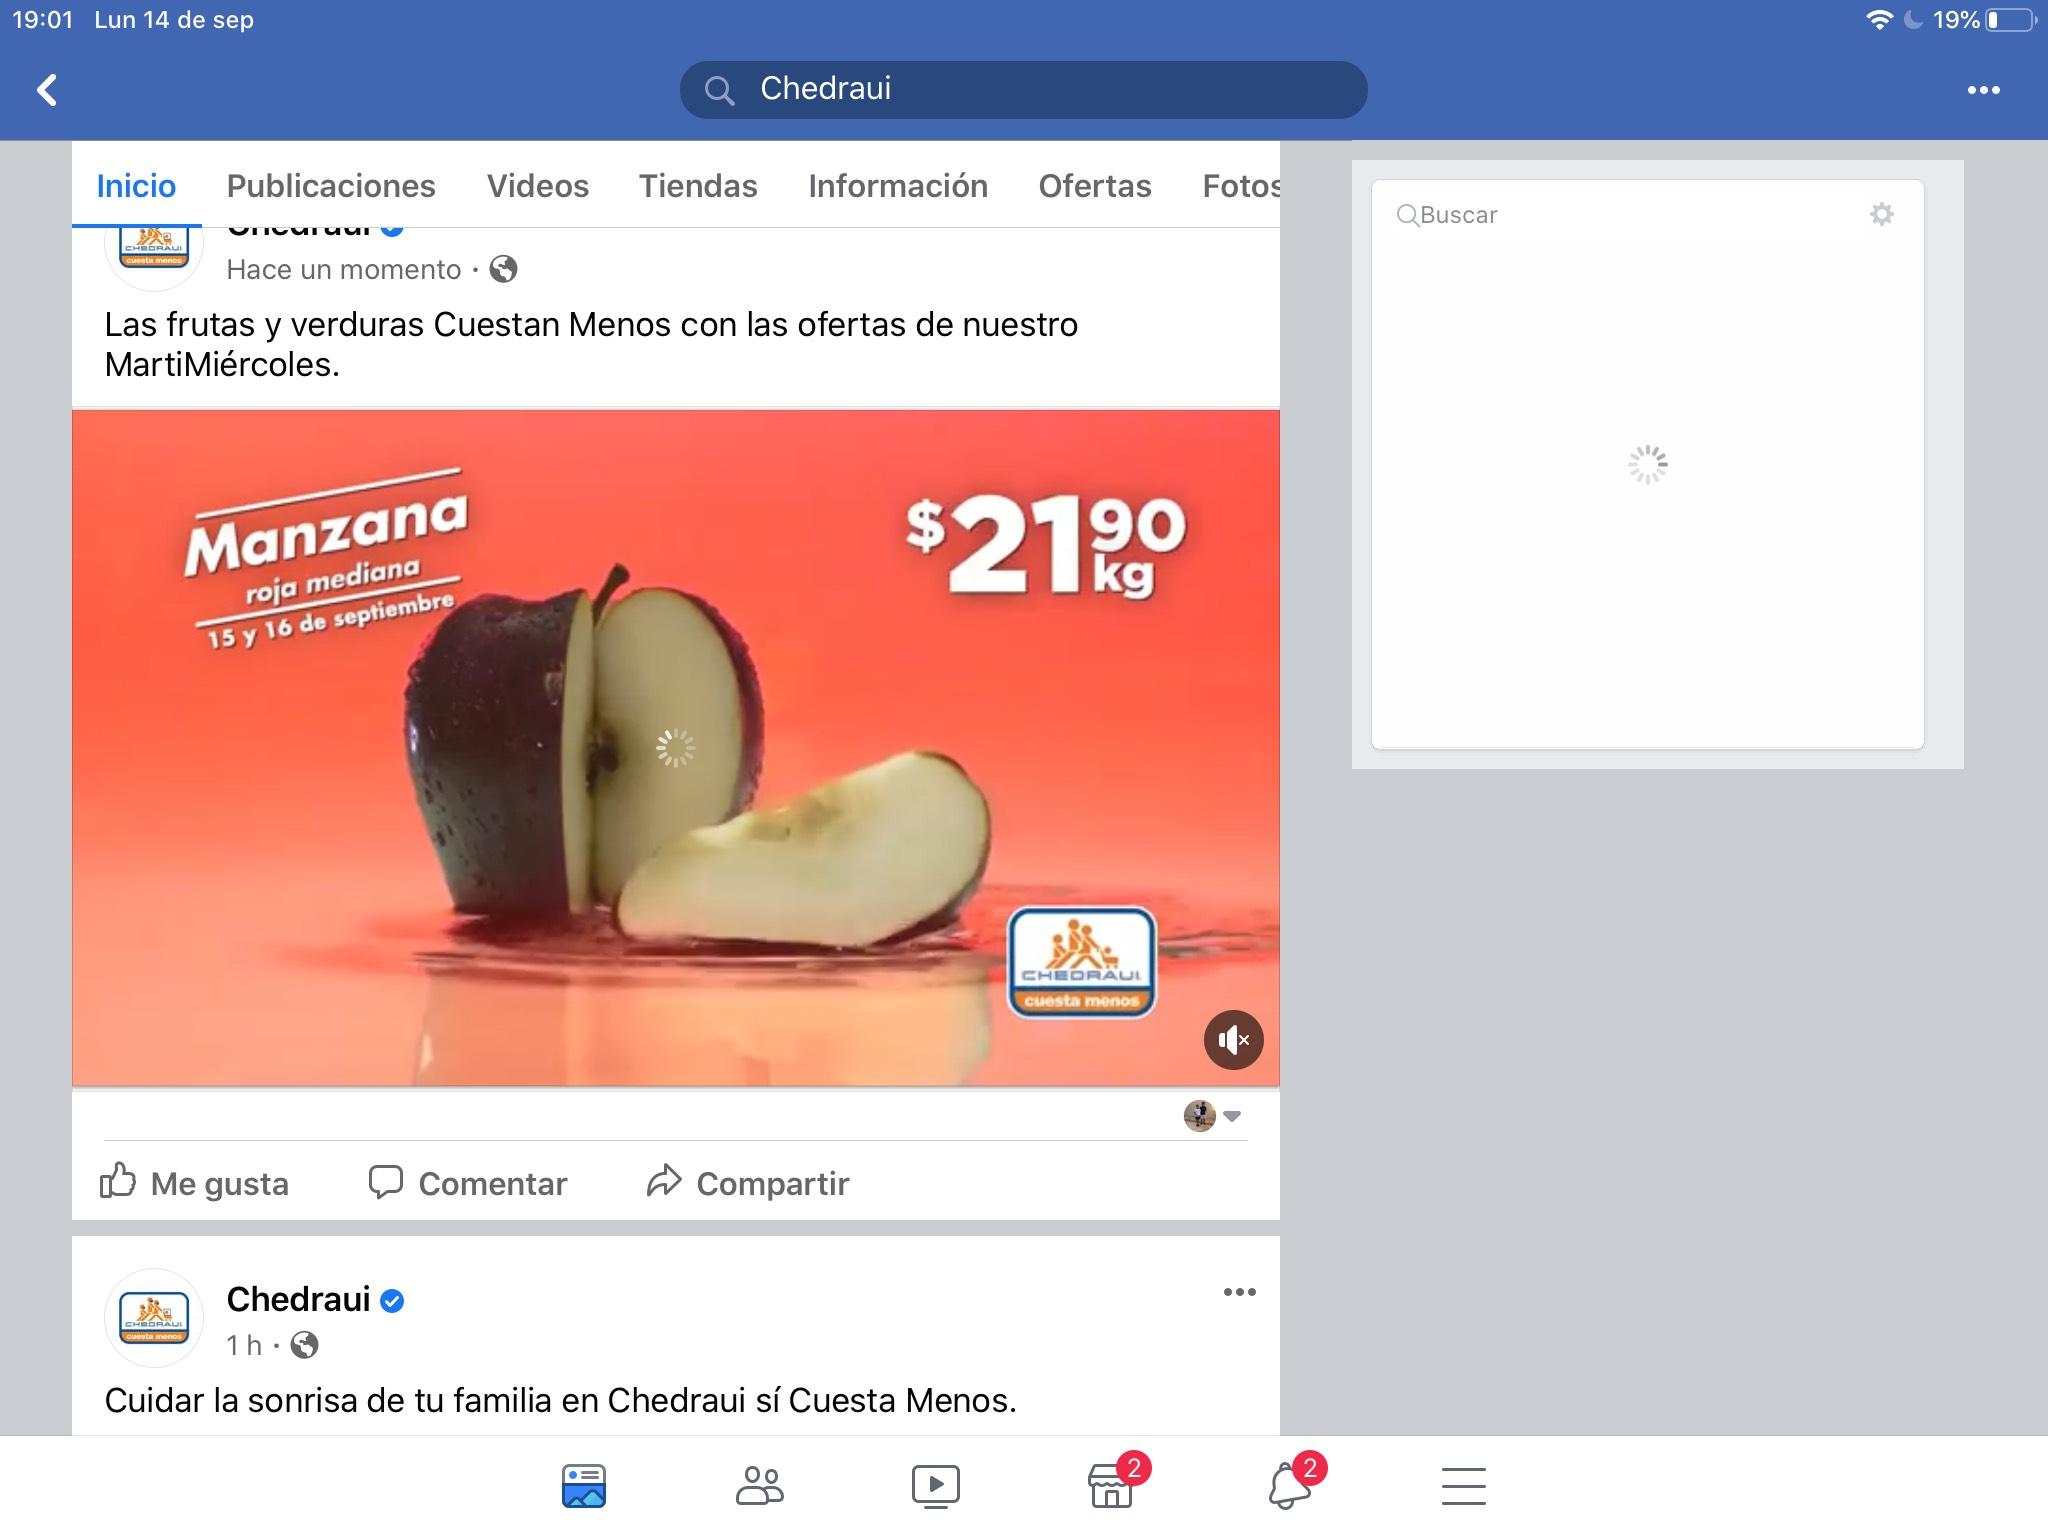 Chedraui: Martimiercoles 15 de septiembre | Manzana Roja $21.90kg, Aguacate Hass $29.50kg y más...